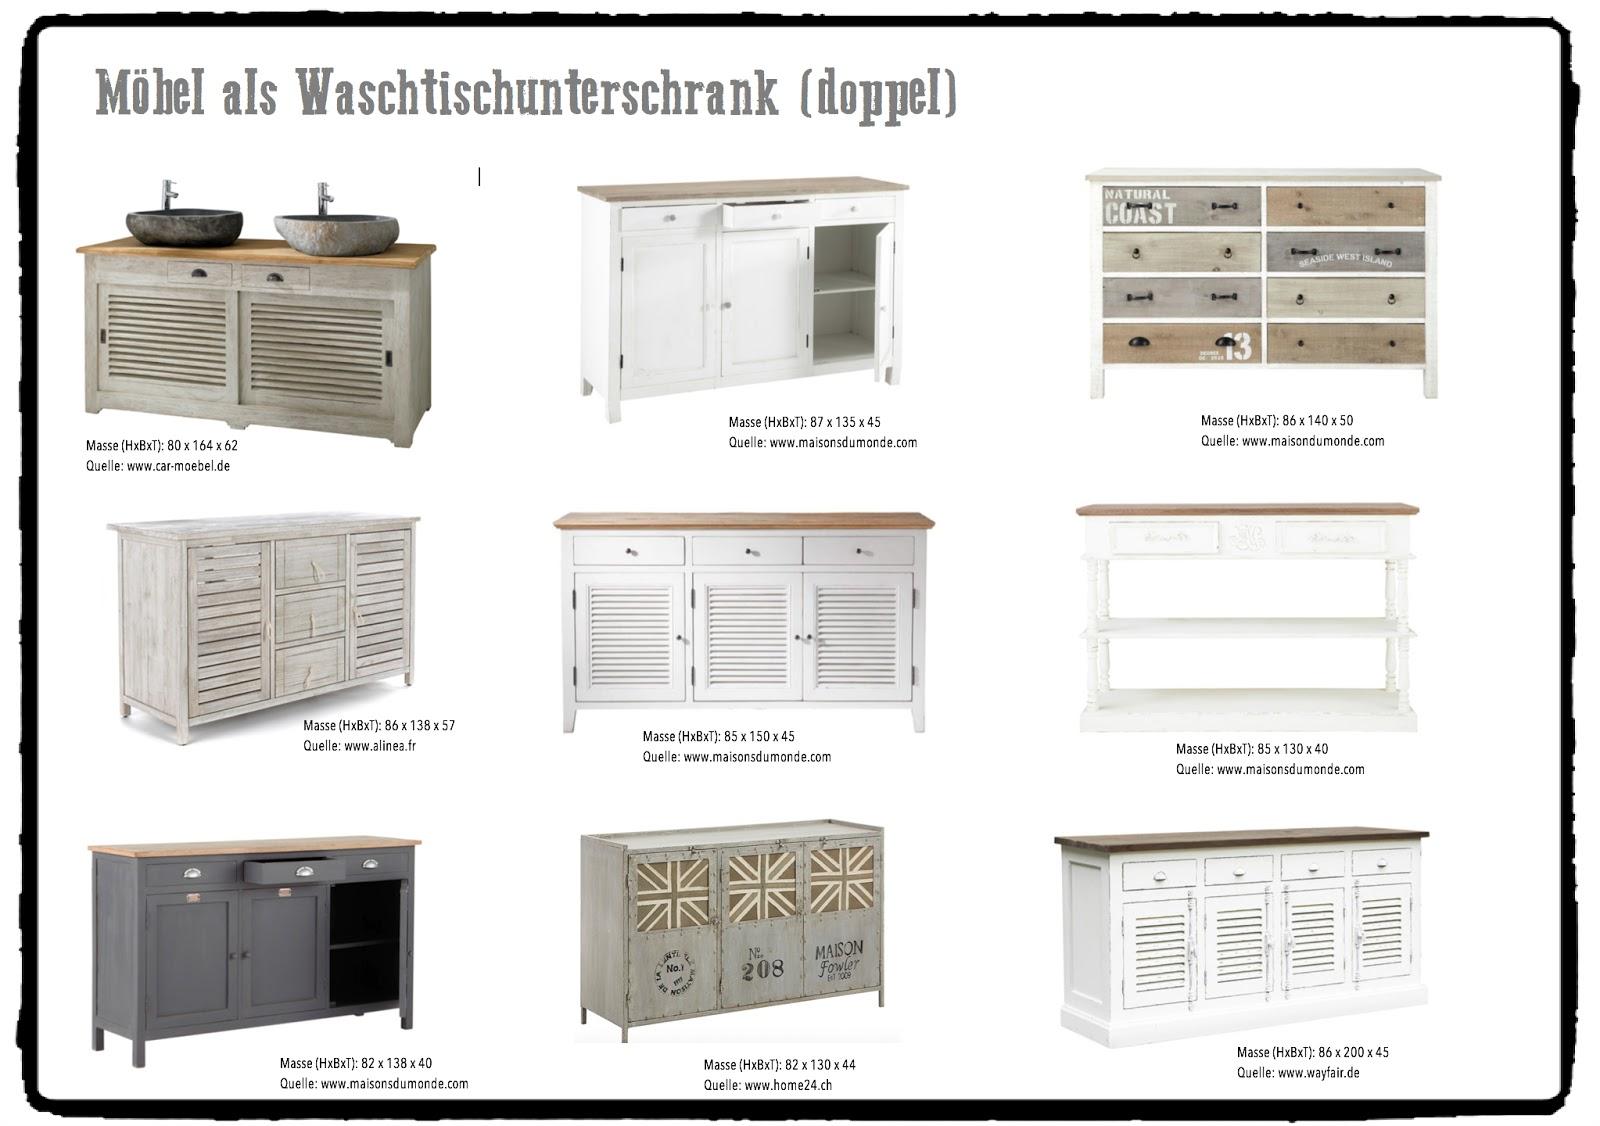 Doppelwaschtisch maße  Doppelwaschtisch Mit Unterschrank Landhaus | gispatcher.com